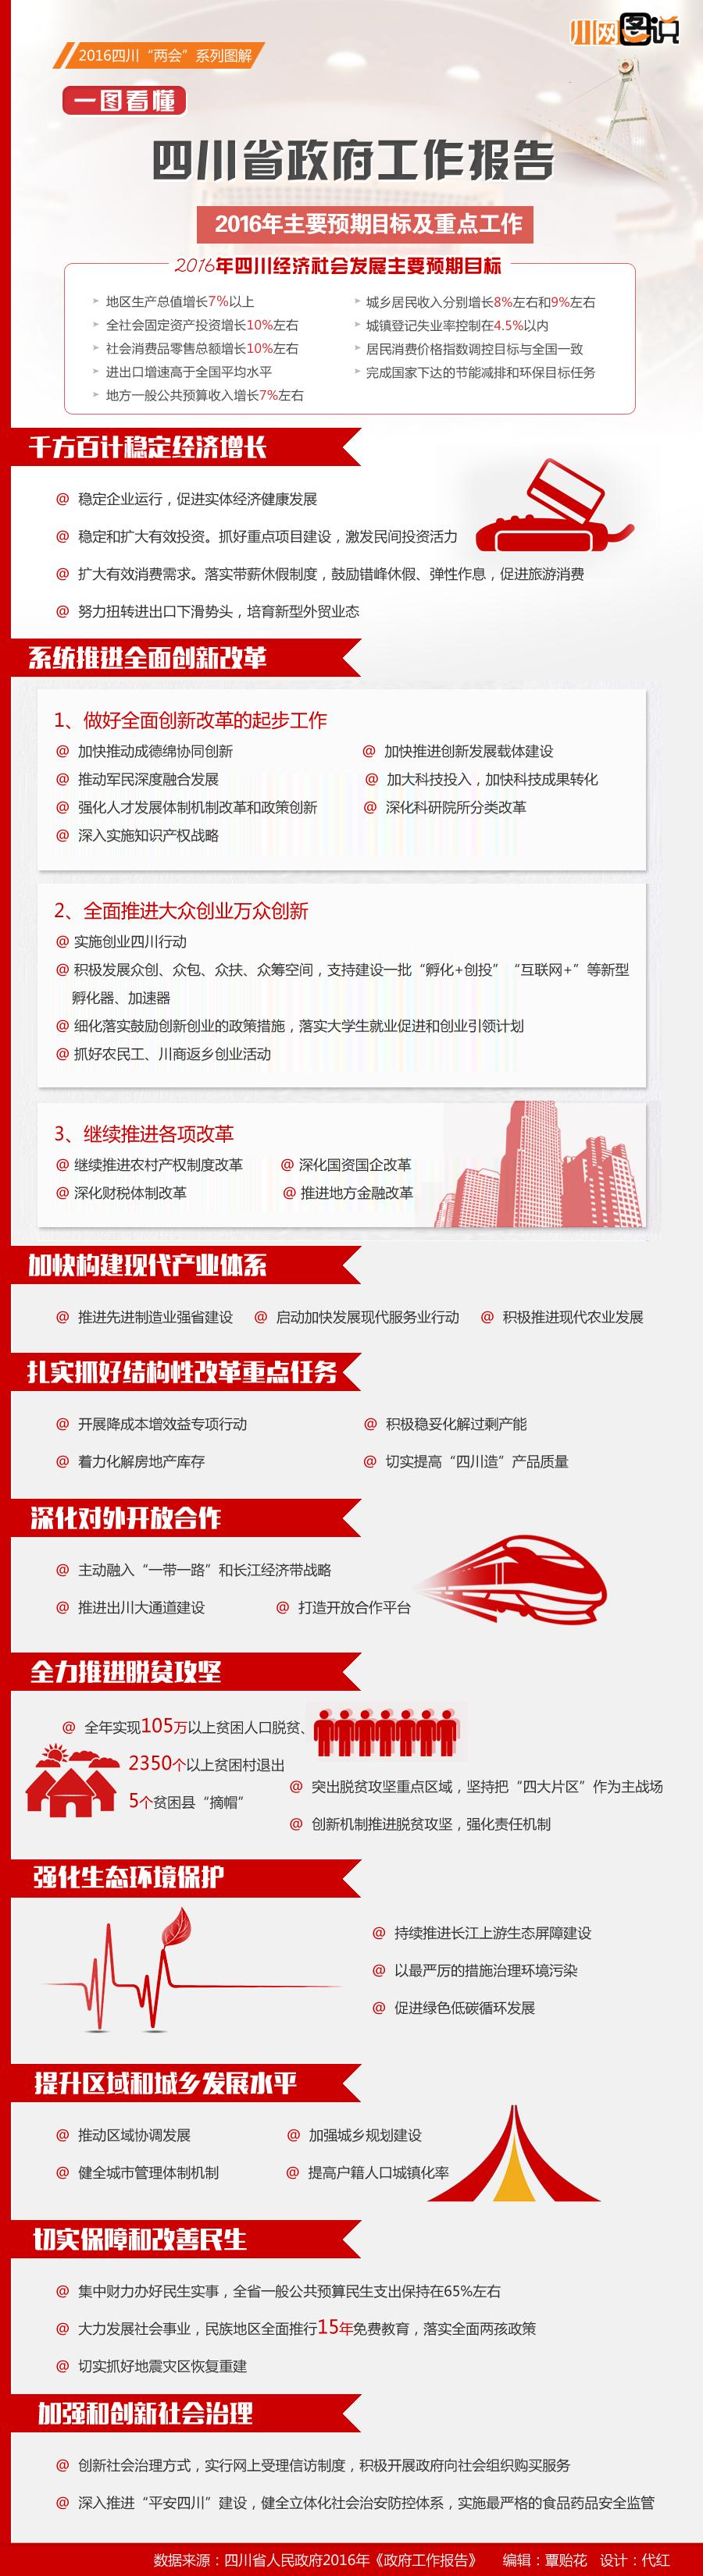 四川省政府工作报告之2016年重点工作